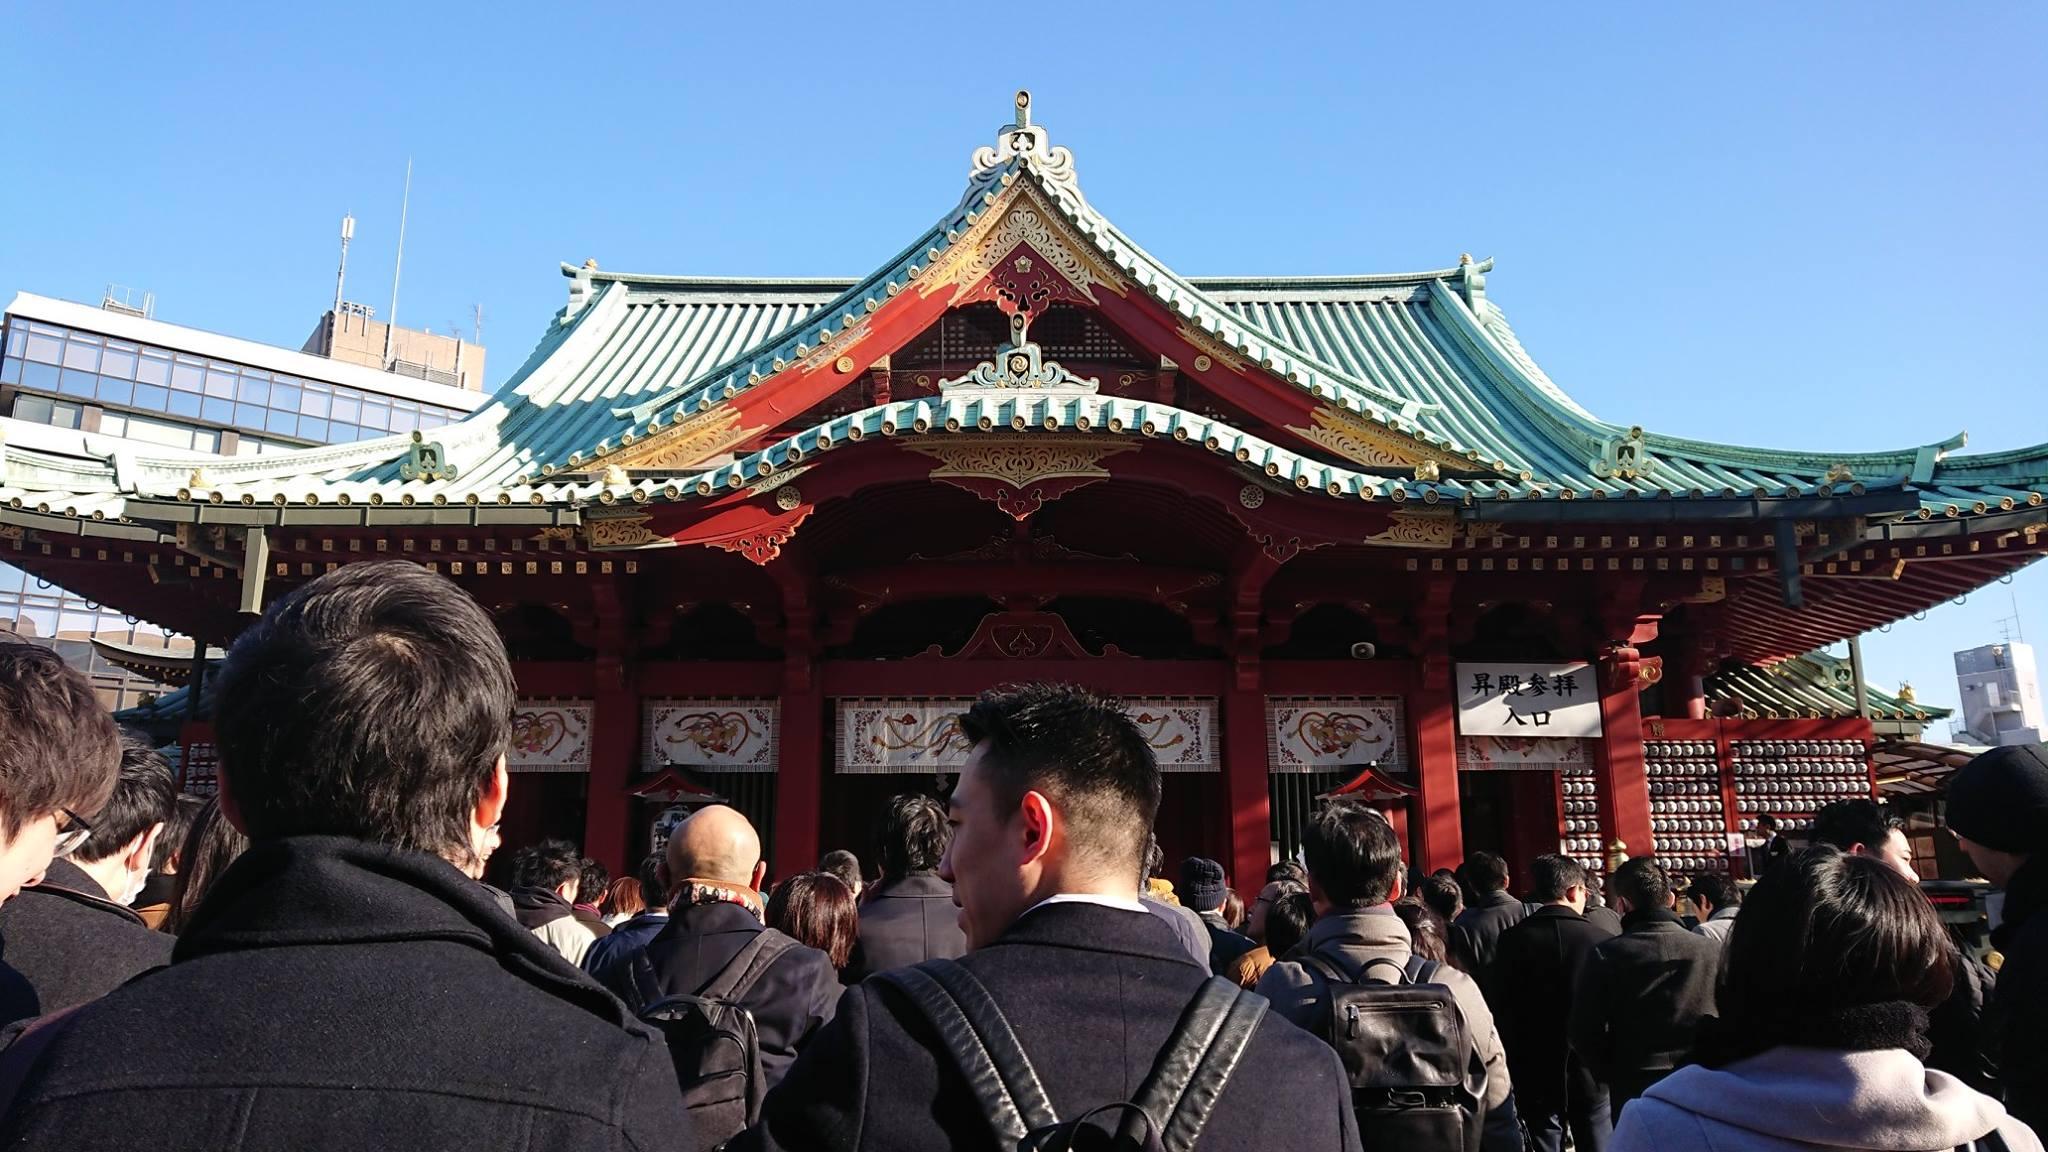 神田明神へ参拝するようになってから業績が急成長! ご利益ありまくりな新年初イベント